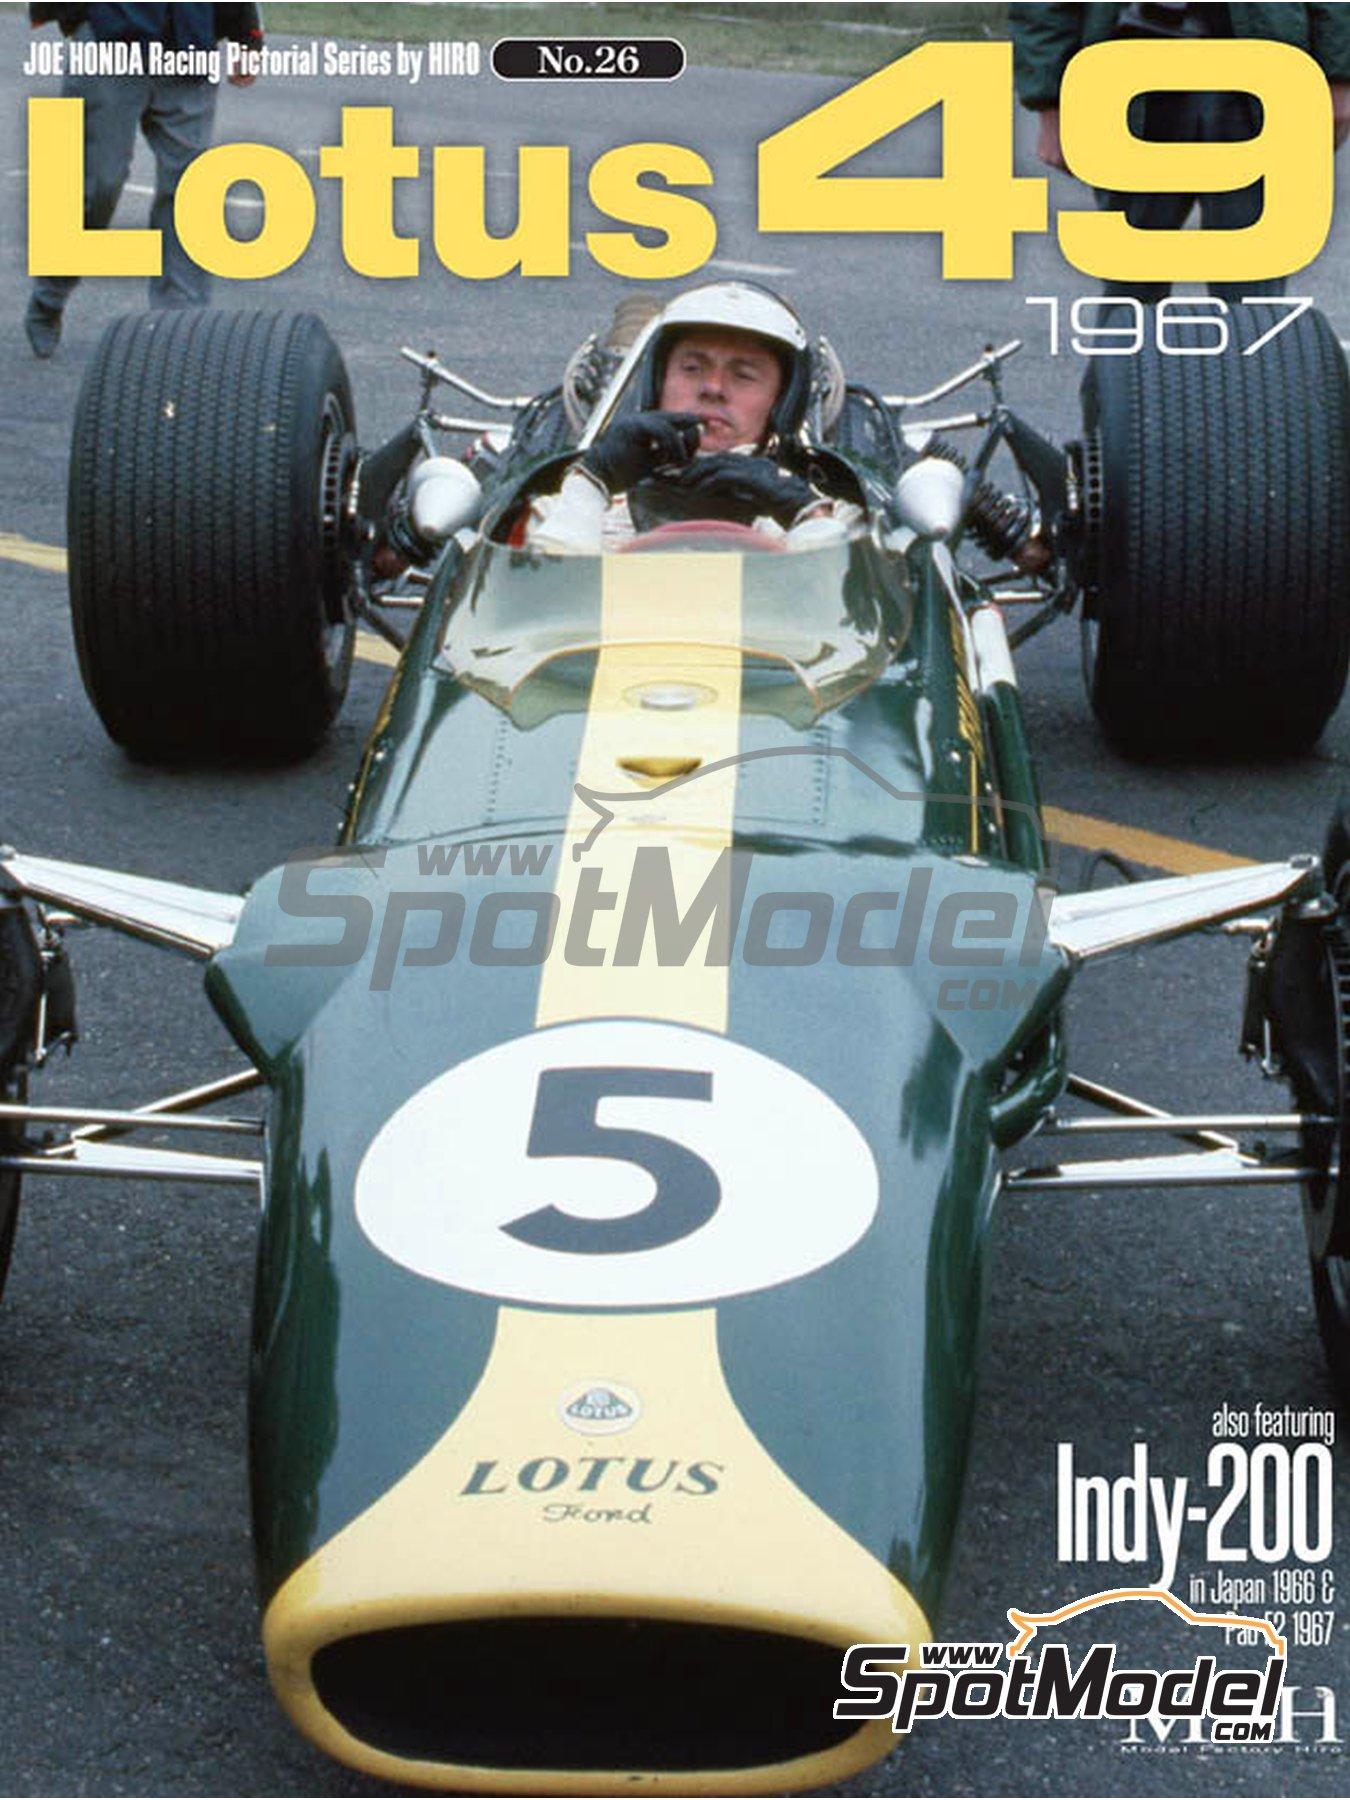 JOE HONDA Racing Pictorial Series - Lotus 49 - Campeonato del Mundo de Formula1 1967 | Libro de referencia fabricado por Model Factory Hiro (ref.MFH-JH26) image